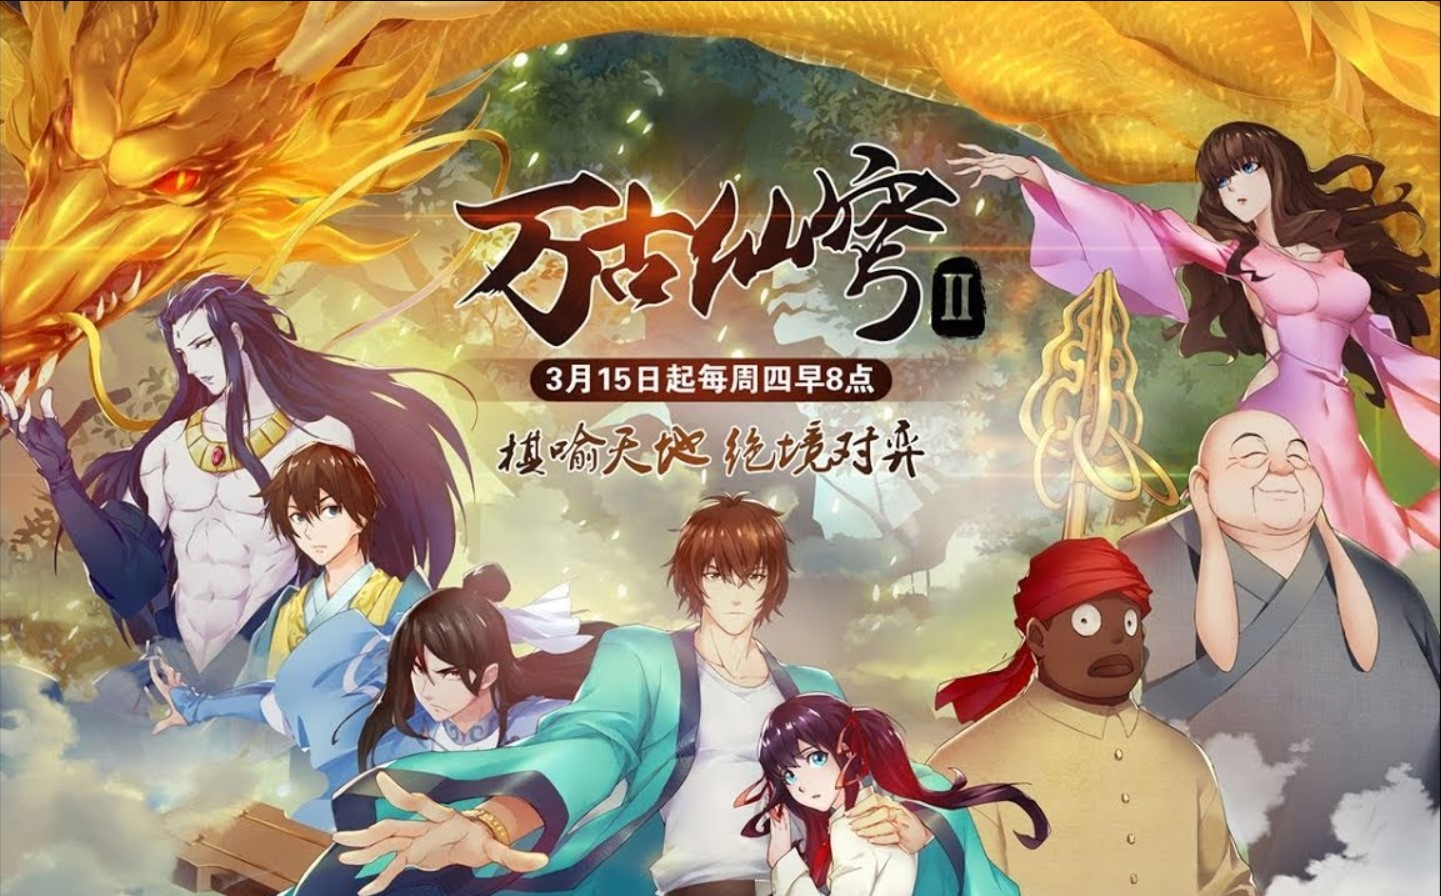 Anime like Soul Land!